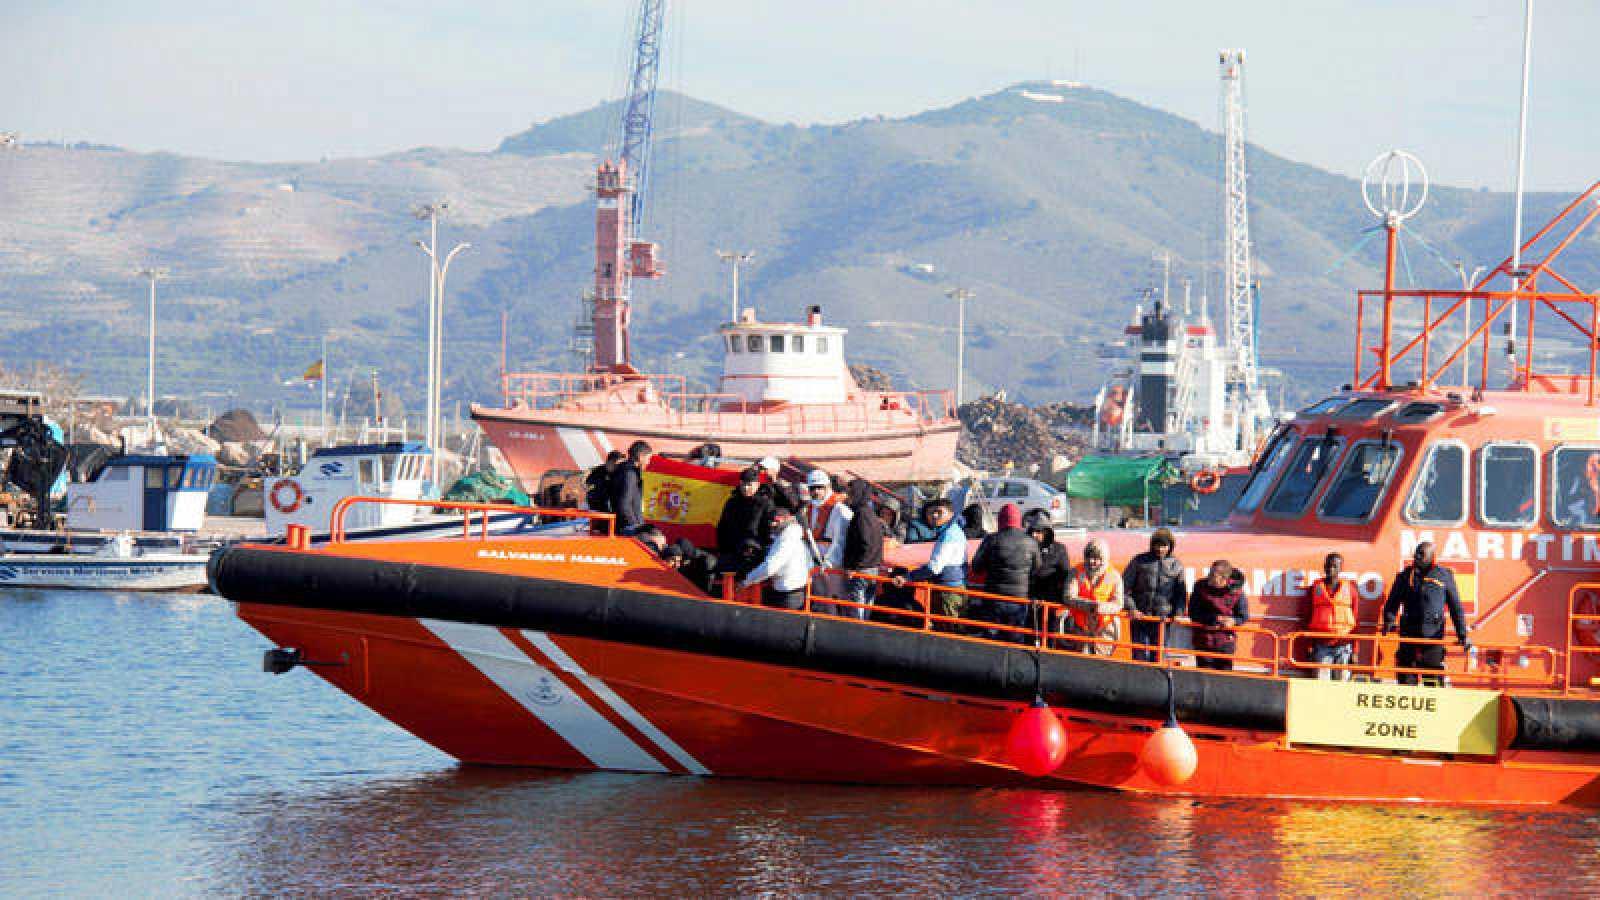 Llegada a Motril de noventa personas de origen subsahariano rescatadas por Salvamento Marítimo en las cercanías de la isla de Alborán